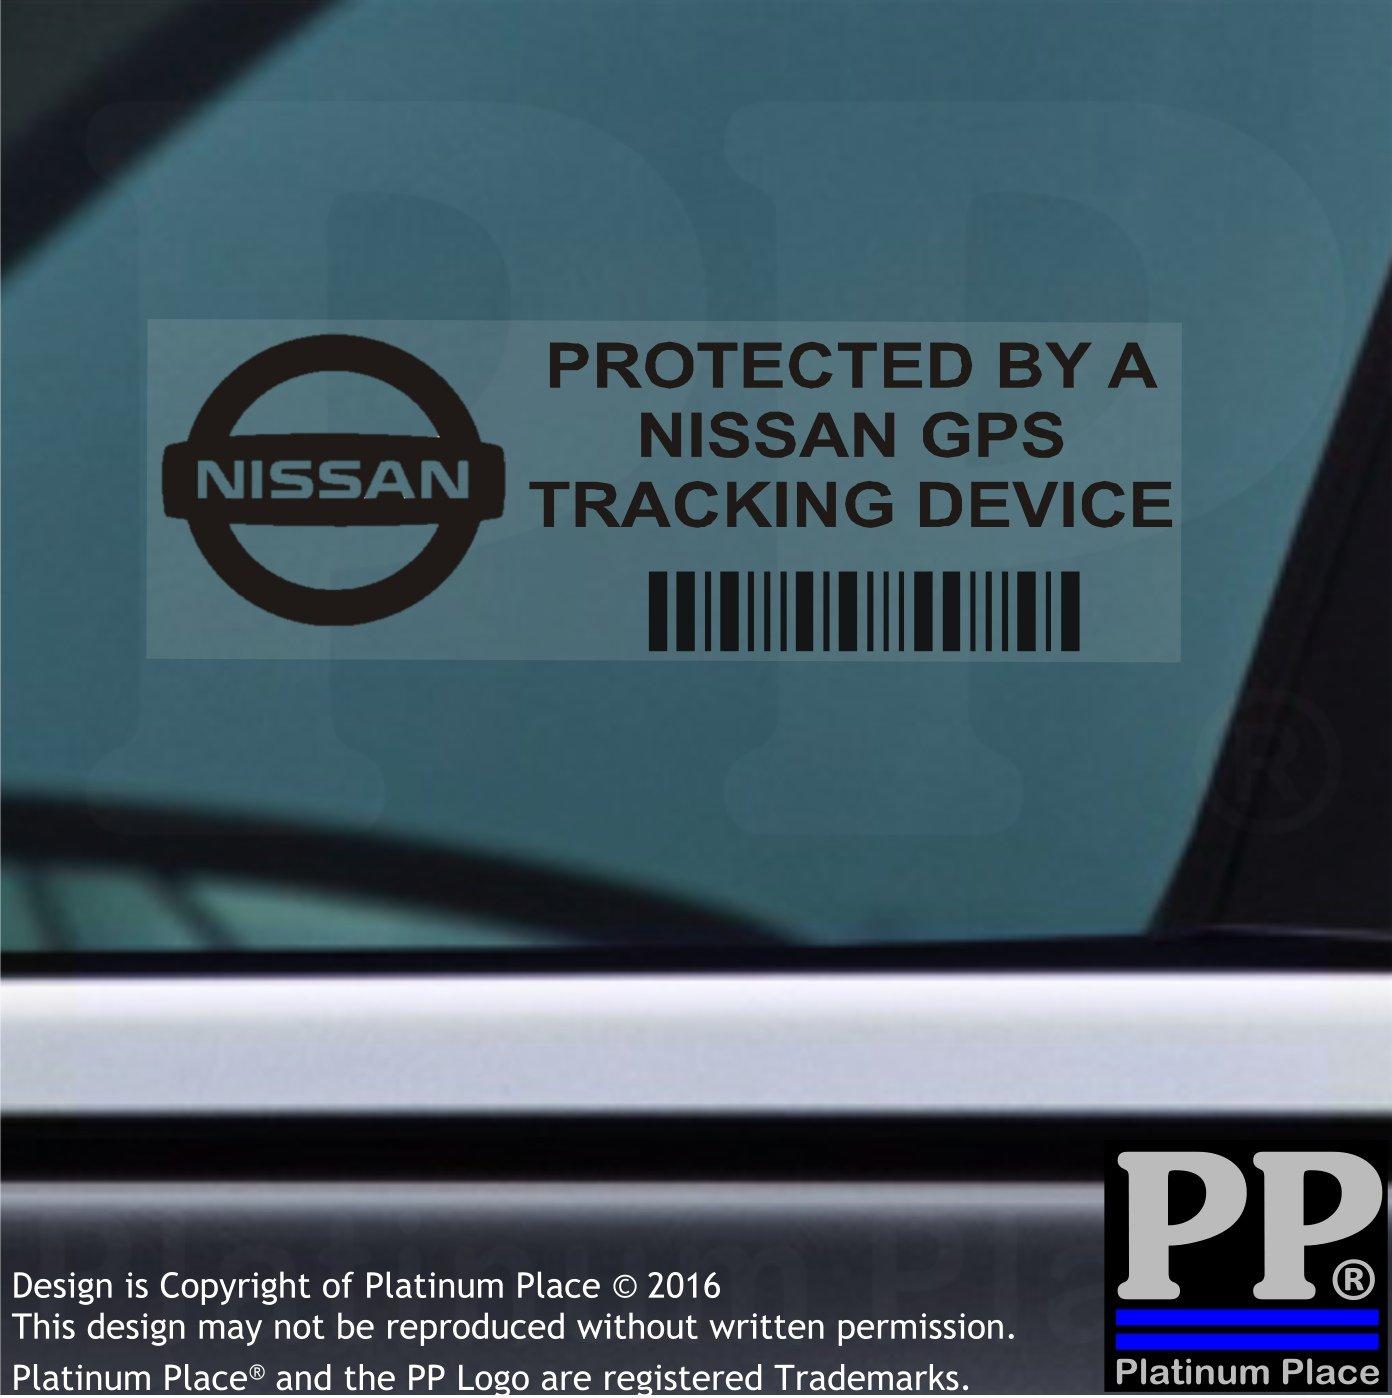 Van alarma Tracker 5/x ppnissangpsblk GPS negro dispositivo de seguimiento de seguridad ventana pegatinas 87/x 30/mm-car